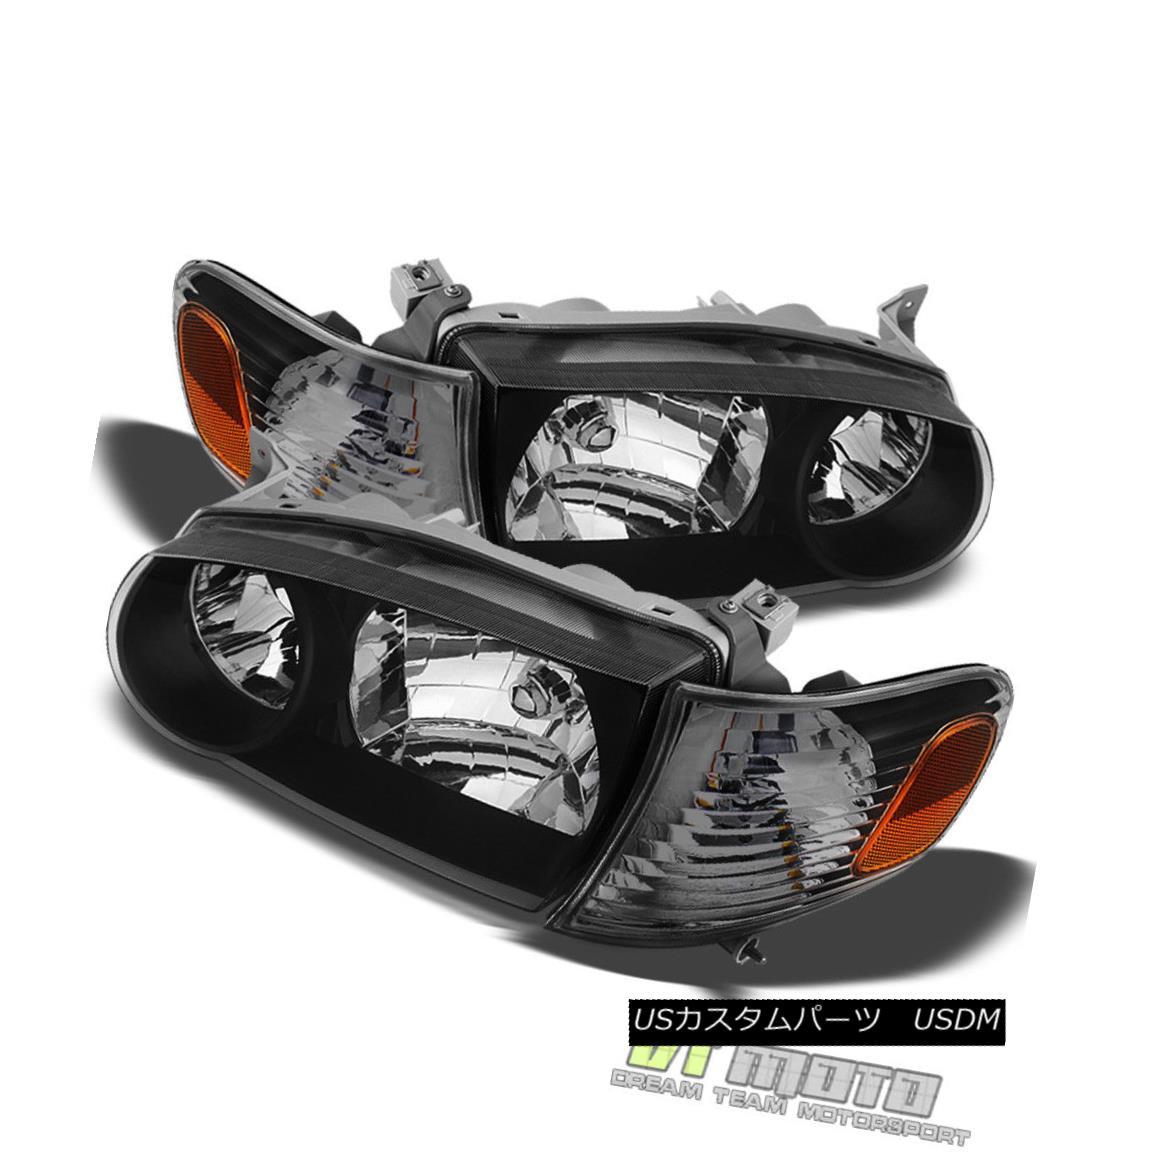 ヘッドライト Black 01-02 Toyota Corolla Headlights +Corner Signal Lamps Left+Right 2001-2002 黒01-02トヨタカローラヘッドライト+コーナー信号ランプ左+右2001-2002